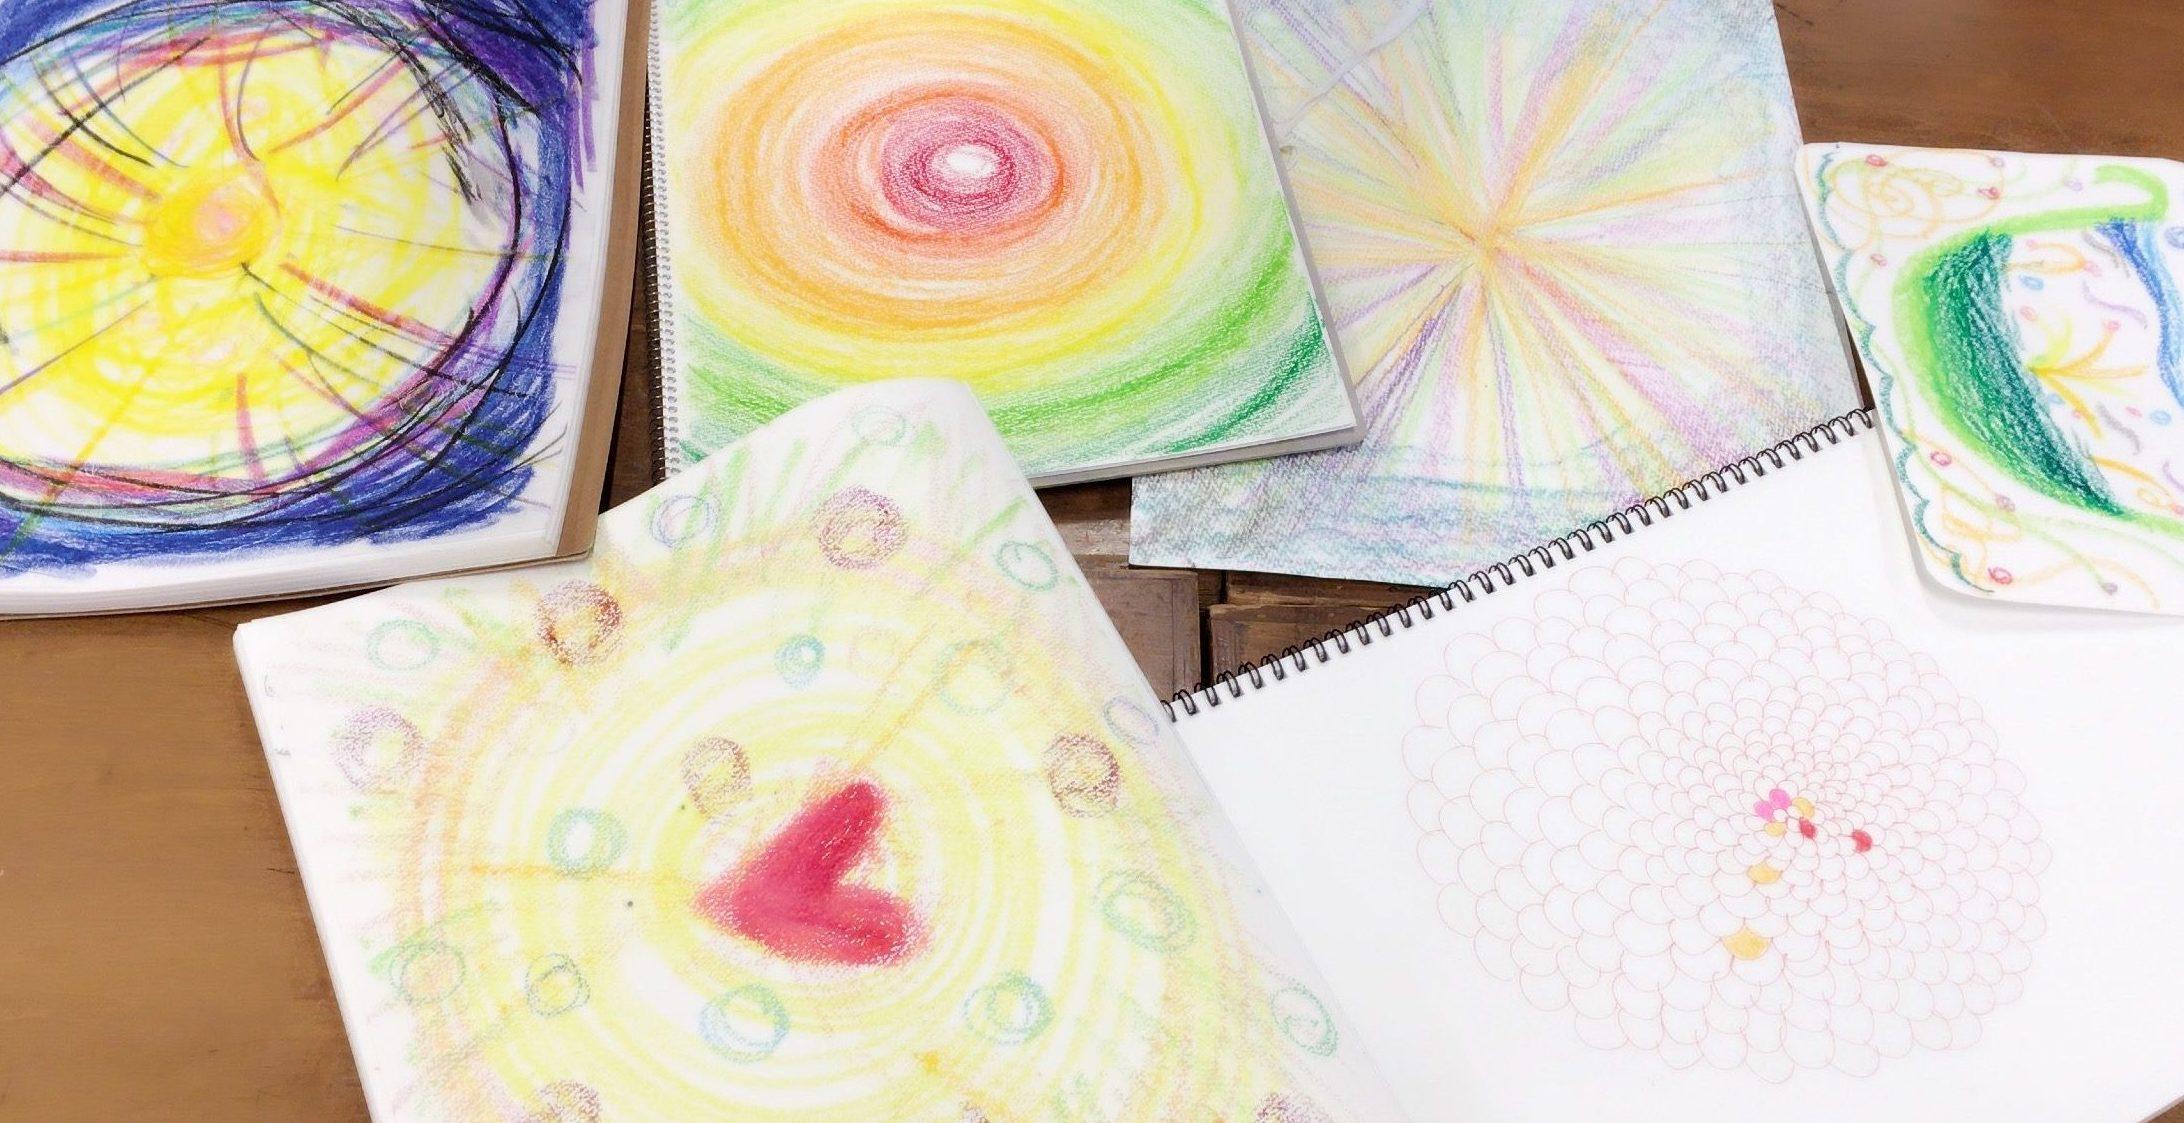 アートセラピー、絵で自分を表そう